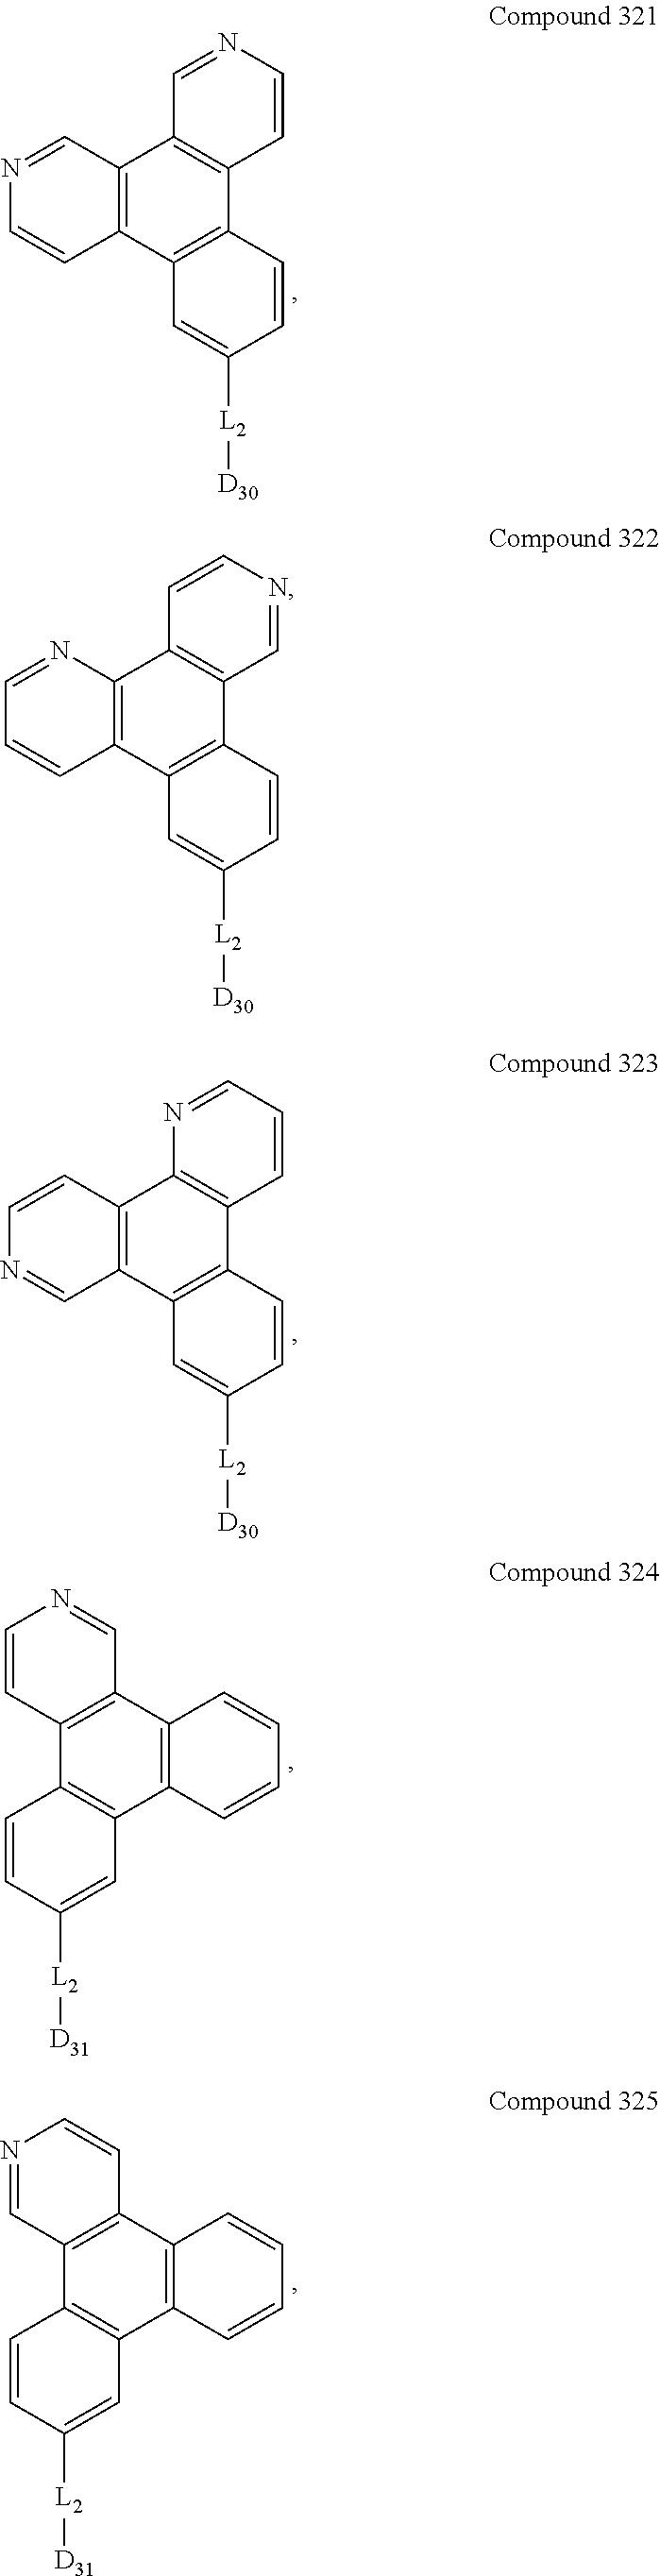 Figure US09537106-20170103-C00220